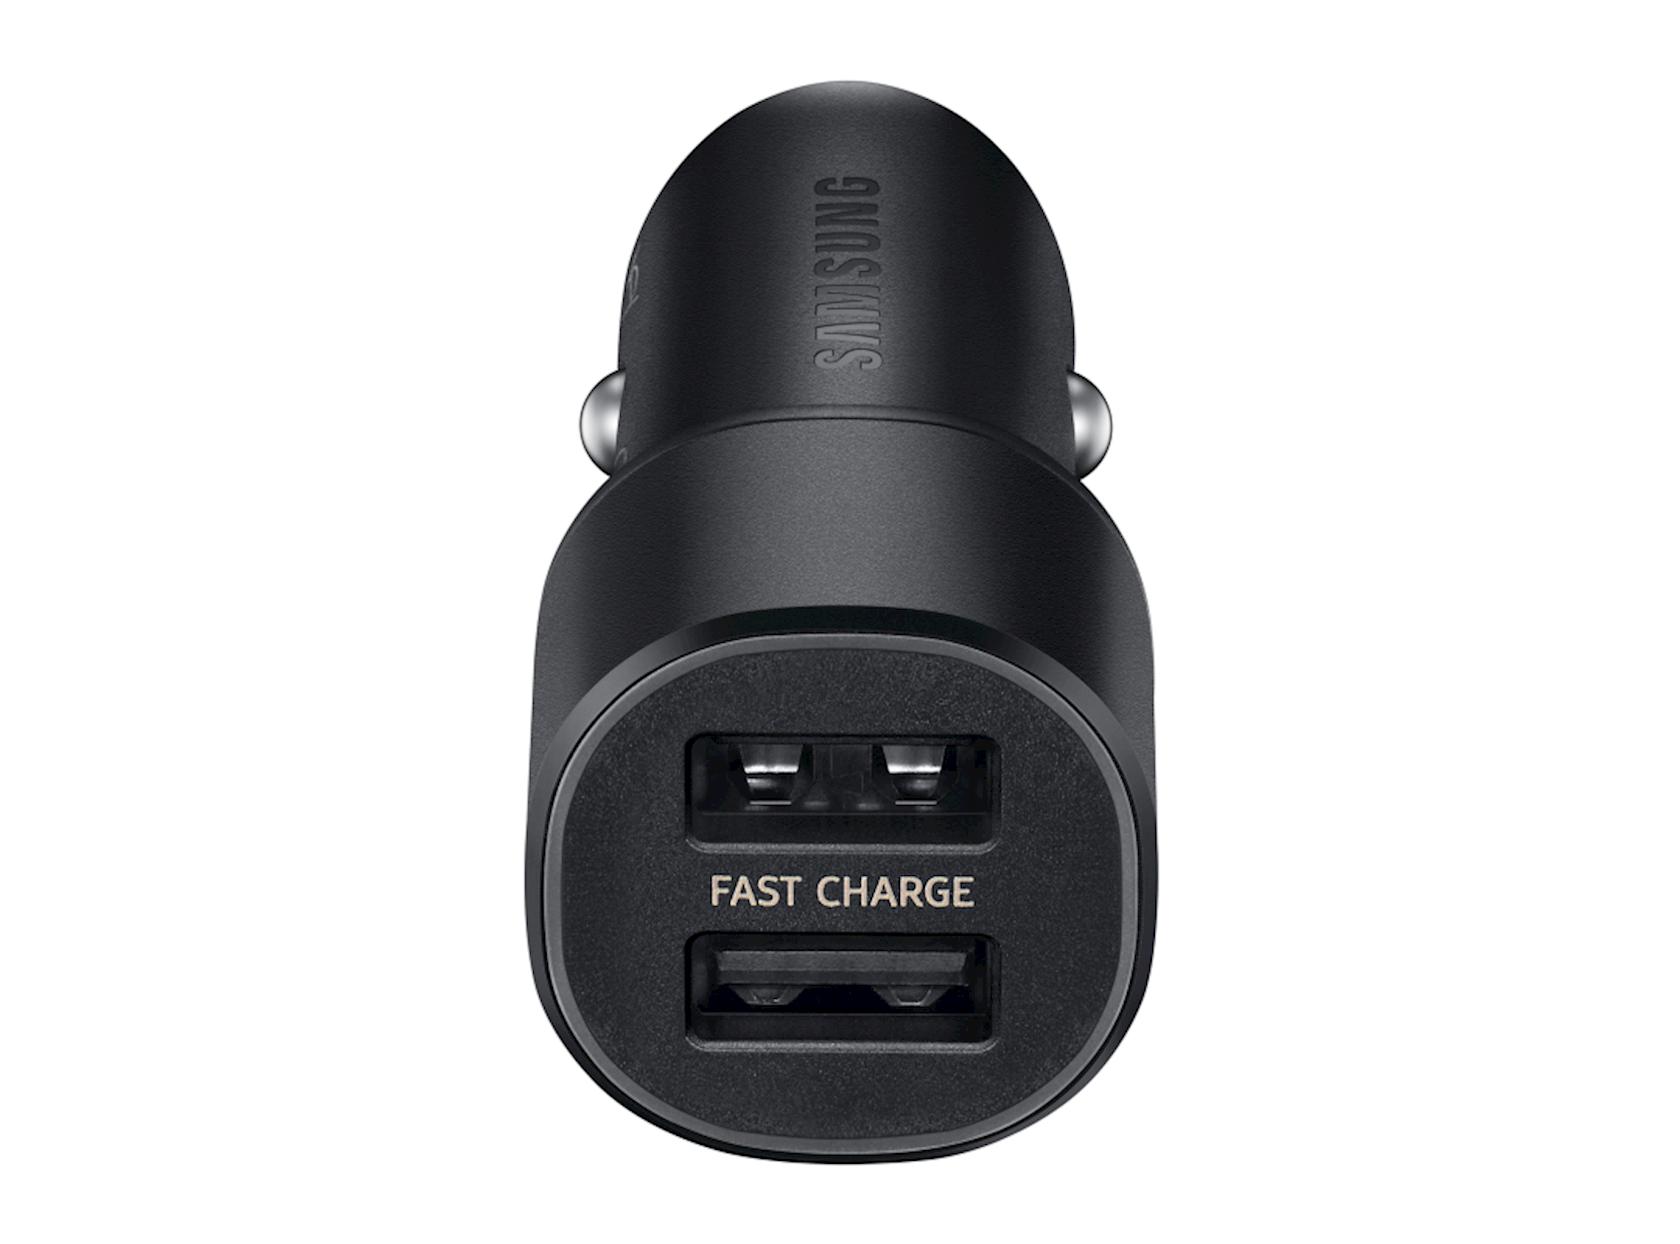 Avtomobil üçün enerji toplama cihazı Samsung EP-L1100WBEGRU 15 Vt Qara